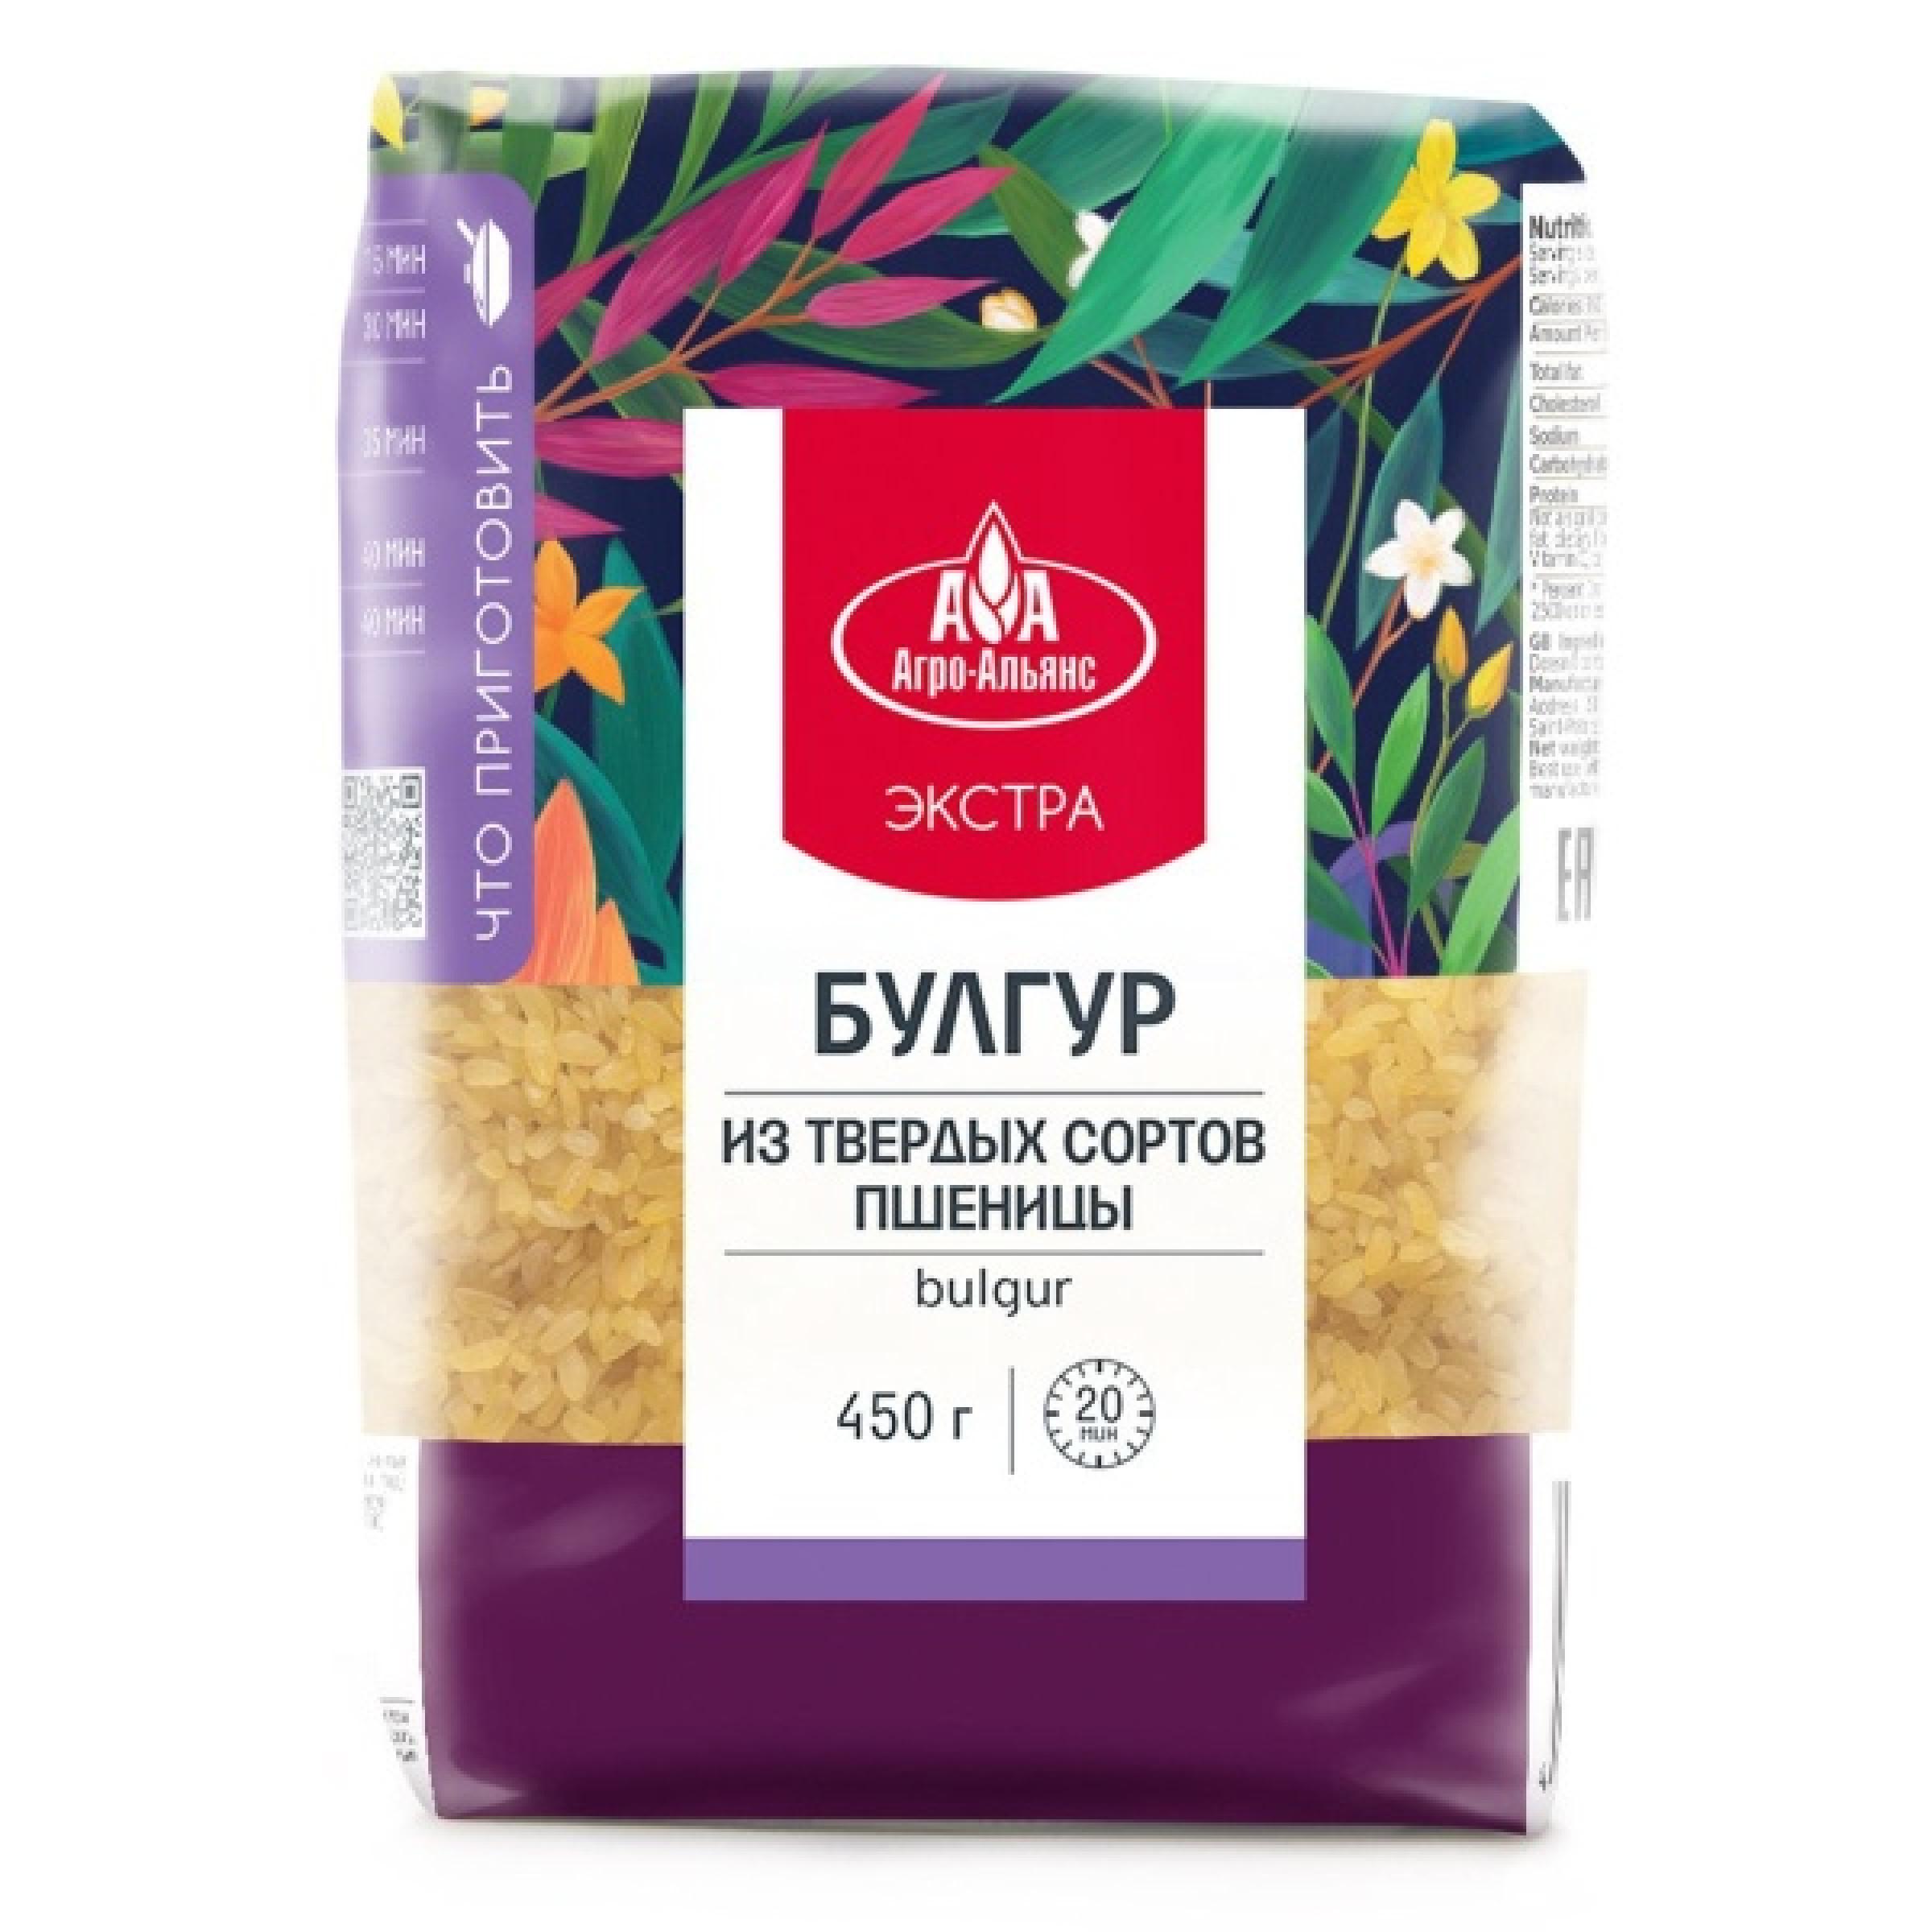 """Пшеничная крупа """"Агро-Альянс"""" Экстра Булгур, 450гр"""